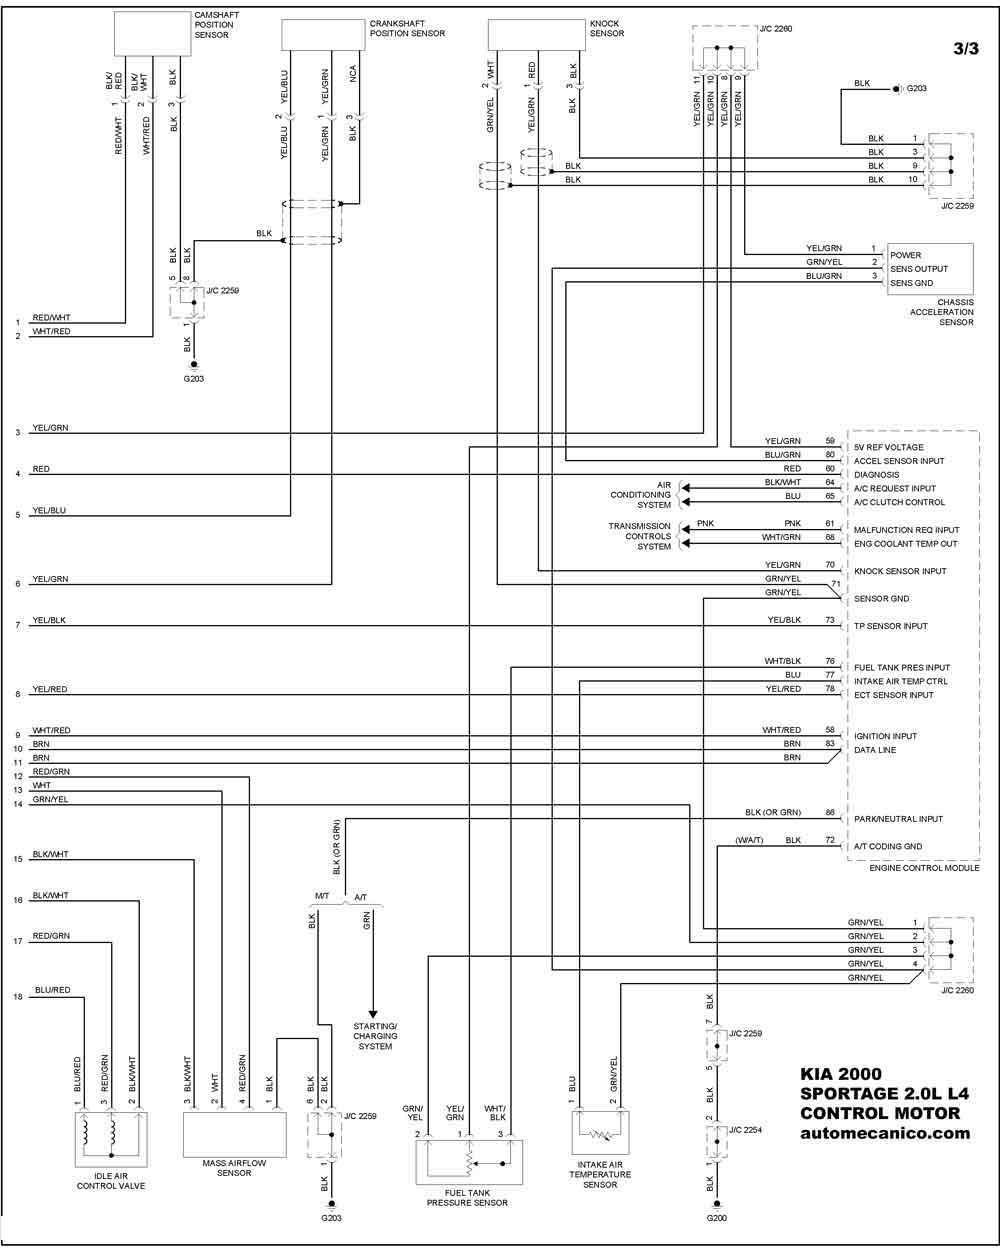 Circuito Kia : Kia diagramas control del motor vehiculos